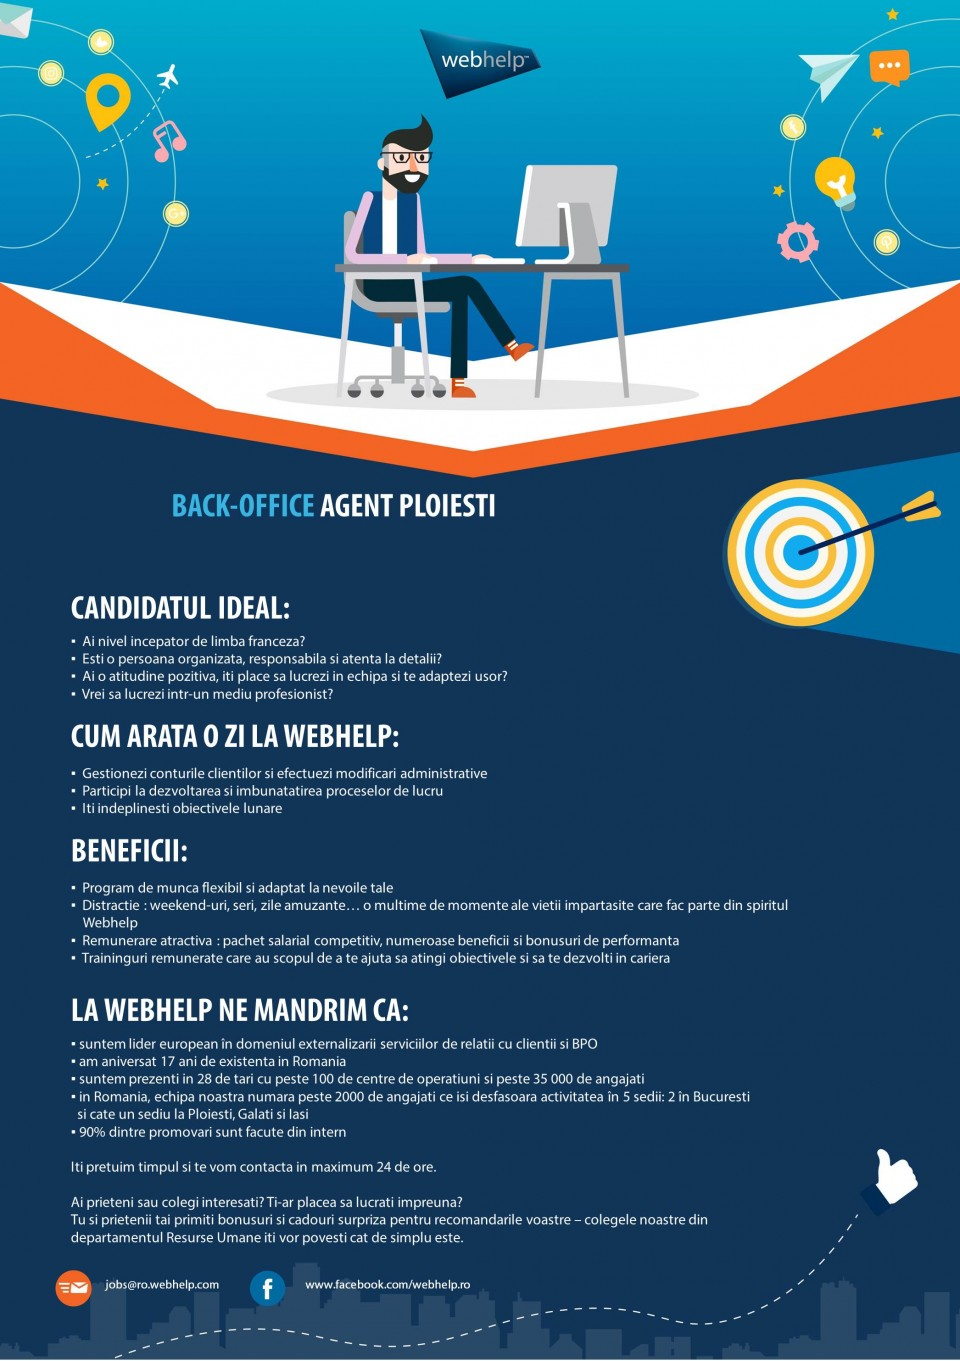 Back - Office agent - Ploiesti  Ai nivel incepator de limba franceza Esti o persoana organizata, responsabila si atenta la detalii ai o atitudine pozitiva, iti place sa lucrezi in echipa si te adaptezi usor? Gestionezi conturile clientilor si efectiezu modificari administrative participi la dezvoltarea si imbunatatirea proceselor de lucru; DESCRIPTION DE L'ENTREPRISE :Webhelp est un leader mondial de l'expérience client et de l'externalisation des processus métier (BPO) spécialisé dans les interactions entre les entreprises et leurs clients - pour une expérience client convaincante dans tous les canaux. Une partie du portefeuille d'externalisation de Webhelp est en outre des services dans les domaines du traitement des paiements, de la distribution et du marketing.Plus de 35 000 collaborateurs sur plus de 100 sites dans 28 pays travaillent à l'amélioration permanente des relations avec la clientèle en appliquant des concepts omnidirectionnels basés sur la technologie et aidant ainsi les clients à accroître durablement leurs résultats. Les marques comme Sky, Shop Direct, Bouygues, Direct Energie, KPN, Vodafone, La Redoute, Michael Kors, Valentino font confiance à Webhelp depuis des années et à travers les frontières géographiquesBasée à Paris, la société a augmenté son chiffre d'affaires de plus de 250% au cours des 4 dernières années, en investissant dans ses employés, dans l'environnement de travail et en développant ses capacités analytiques et opérationnelles pour proposer une solution transformationnelle d'outsourcing répondant aux défis d'un monde omni-canal. Depuis mars 2016, l'investisseur financier KKR détient une participation dans Webhelp.Pour de plus amples informations, consulter le site www.webhelp.com.